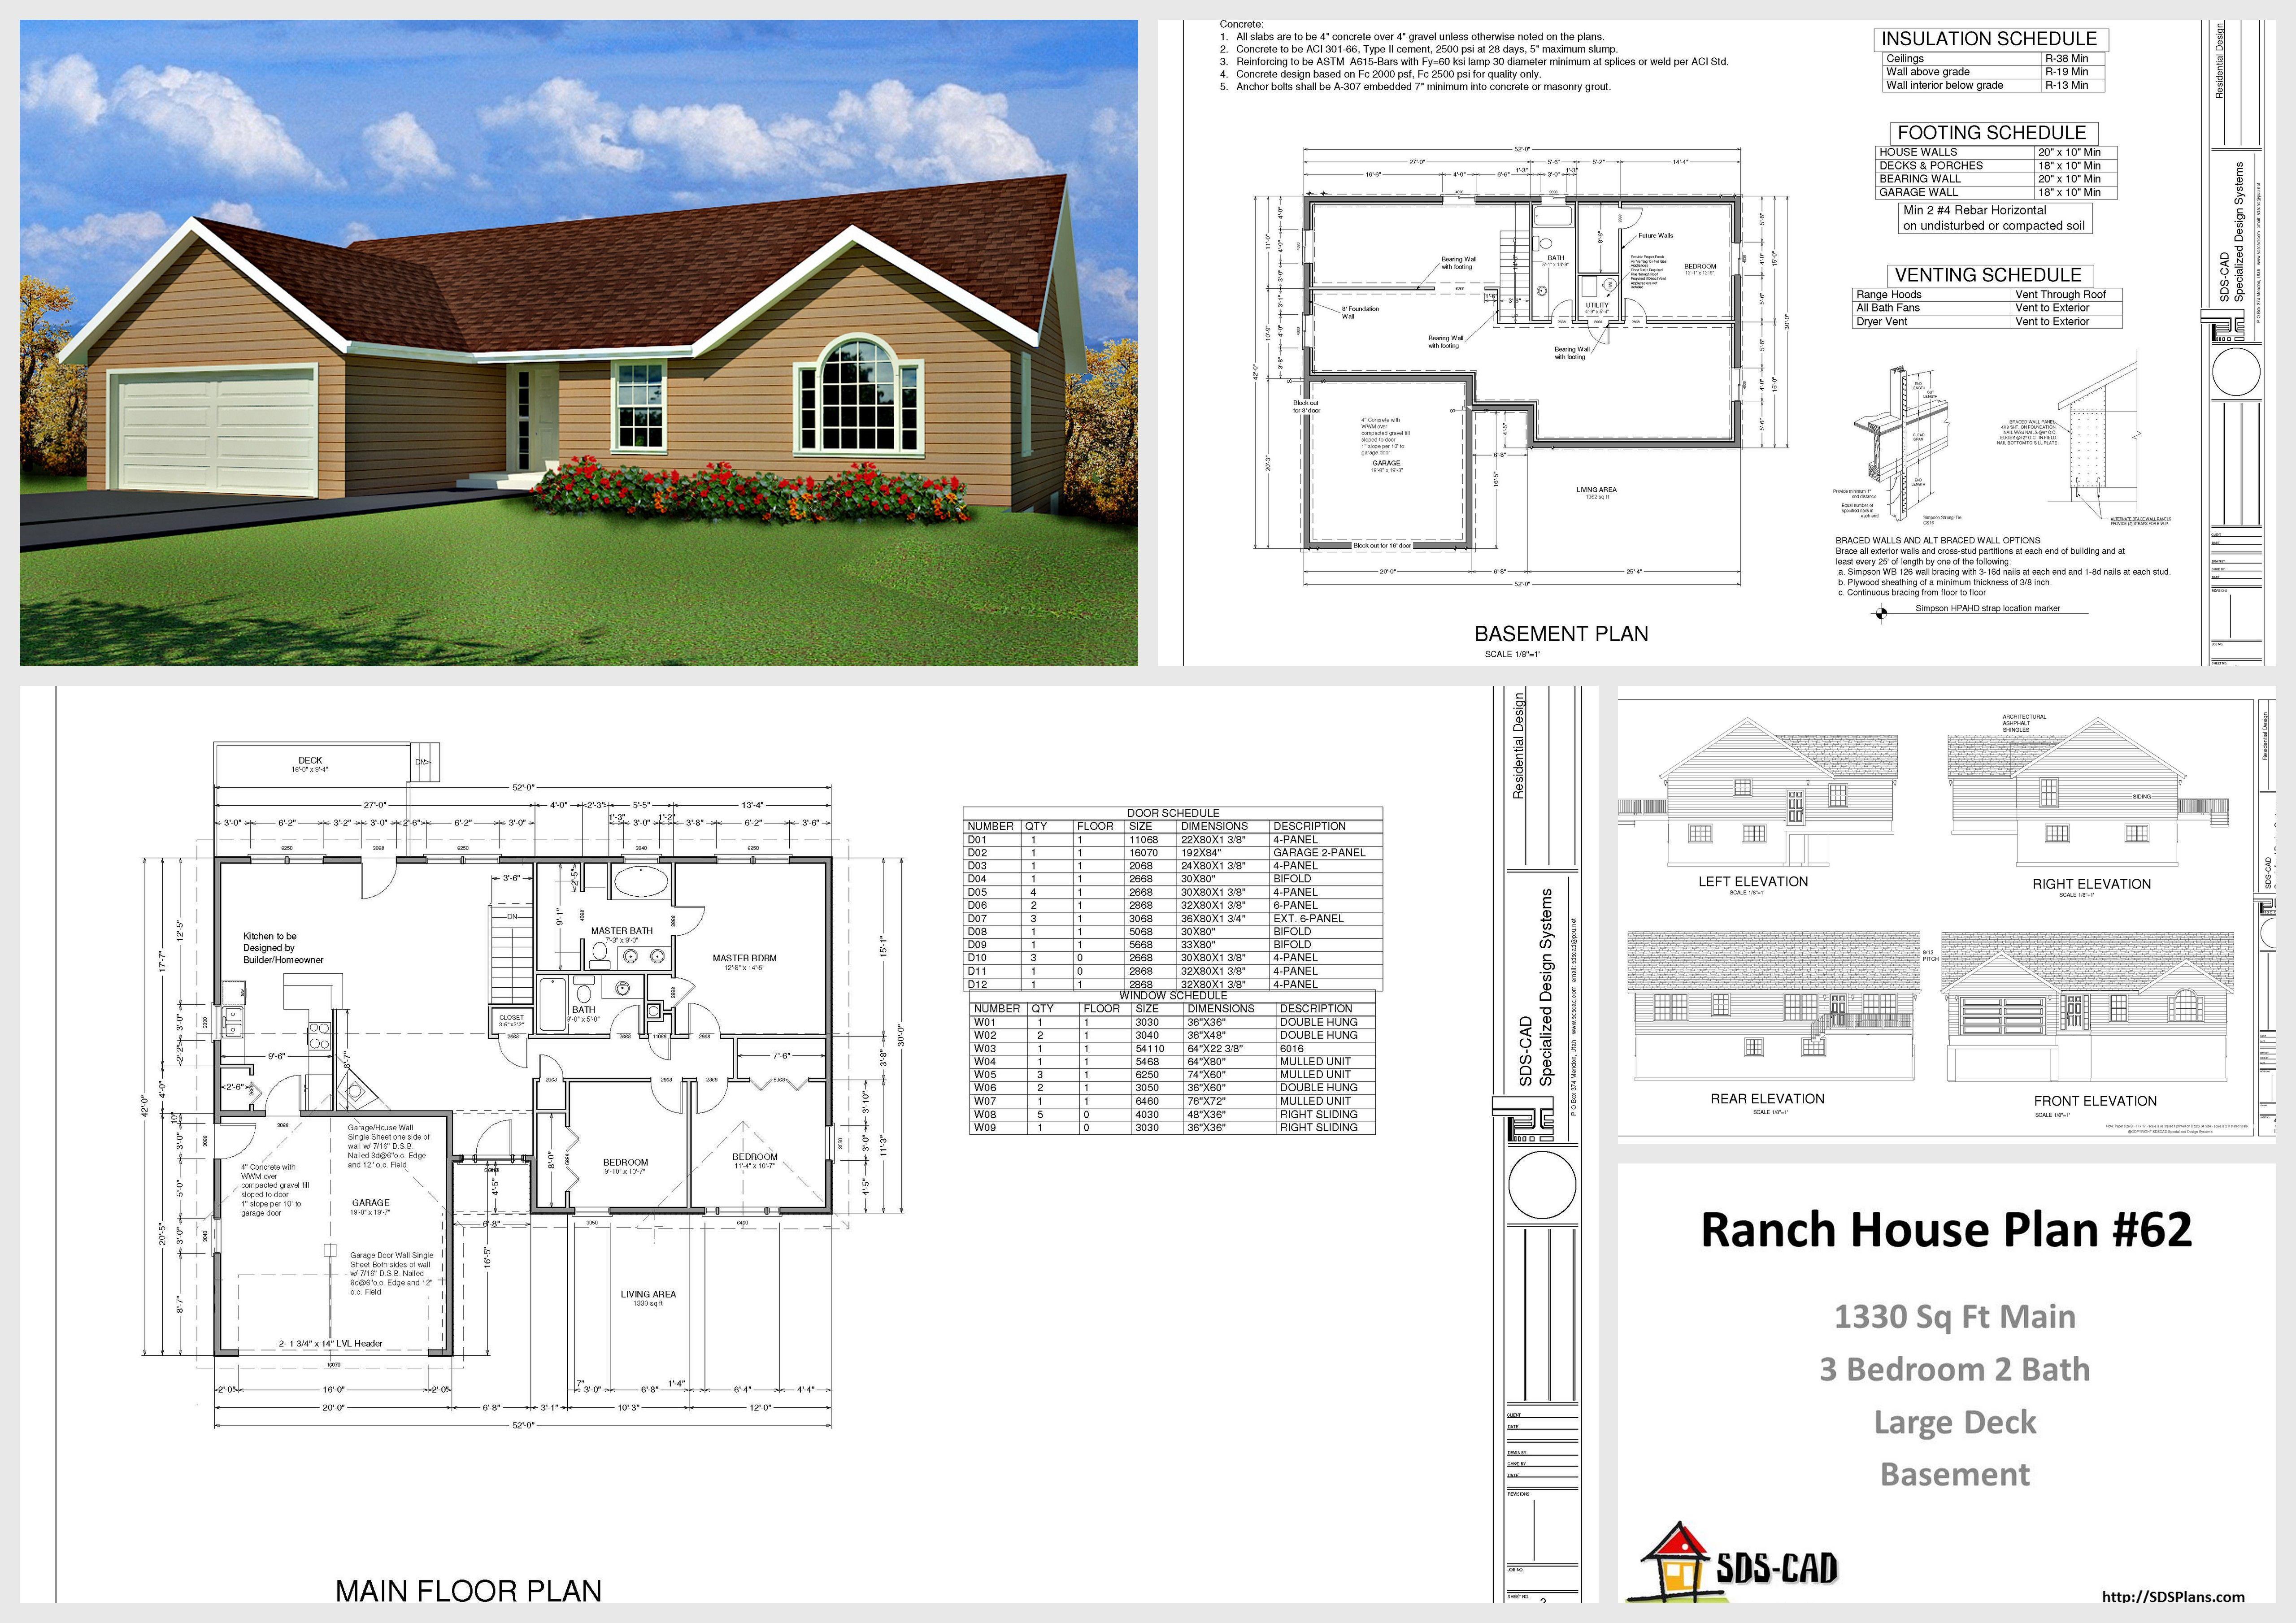 plans plan custom home design autocad dwg and pdf bddbefedb cad ...